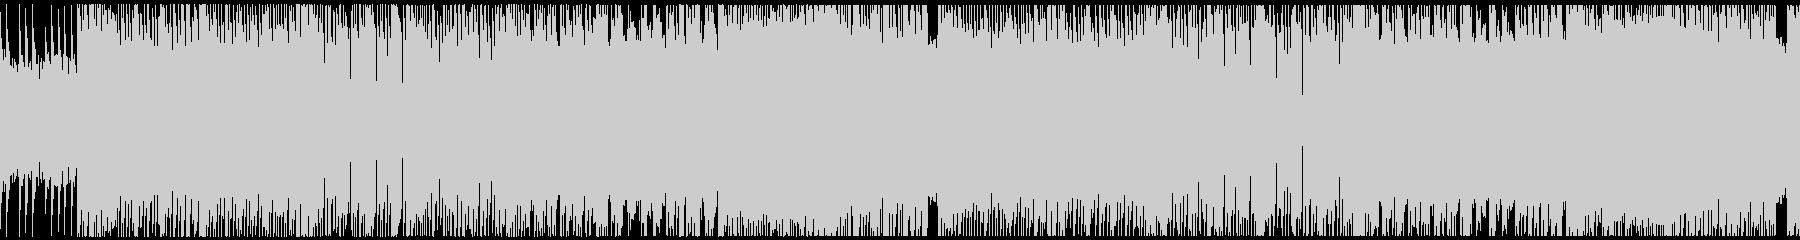 攻撃的な雰囲気のヘヴィメタルインストの未再生の波形